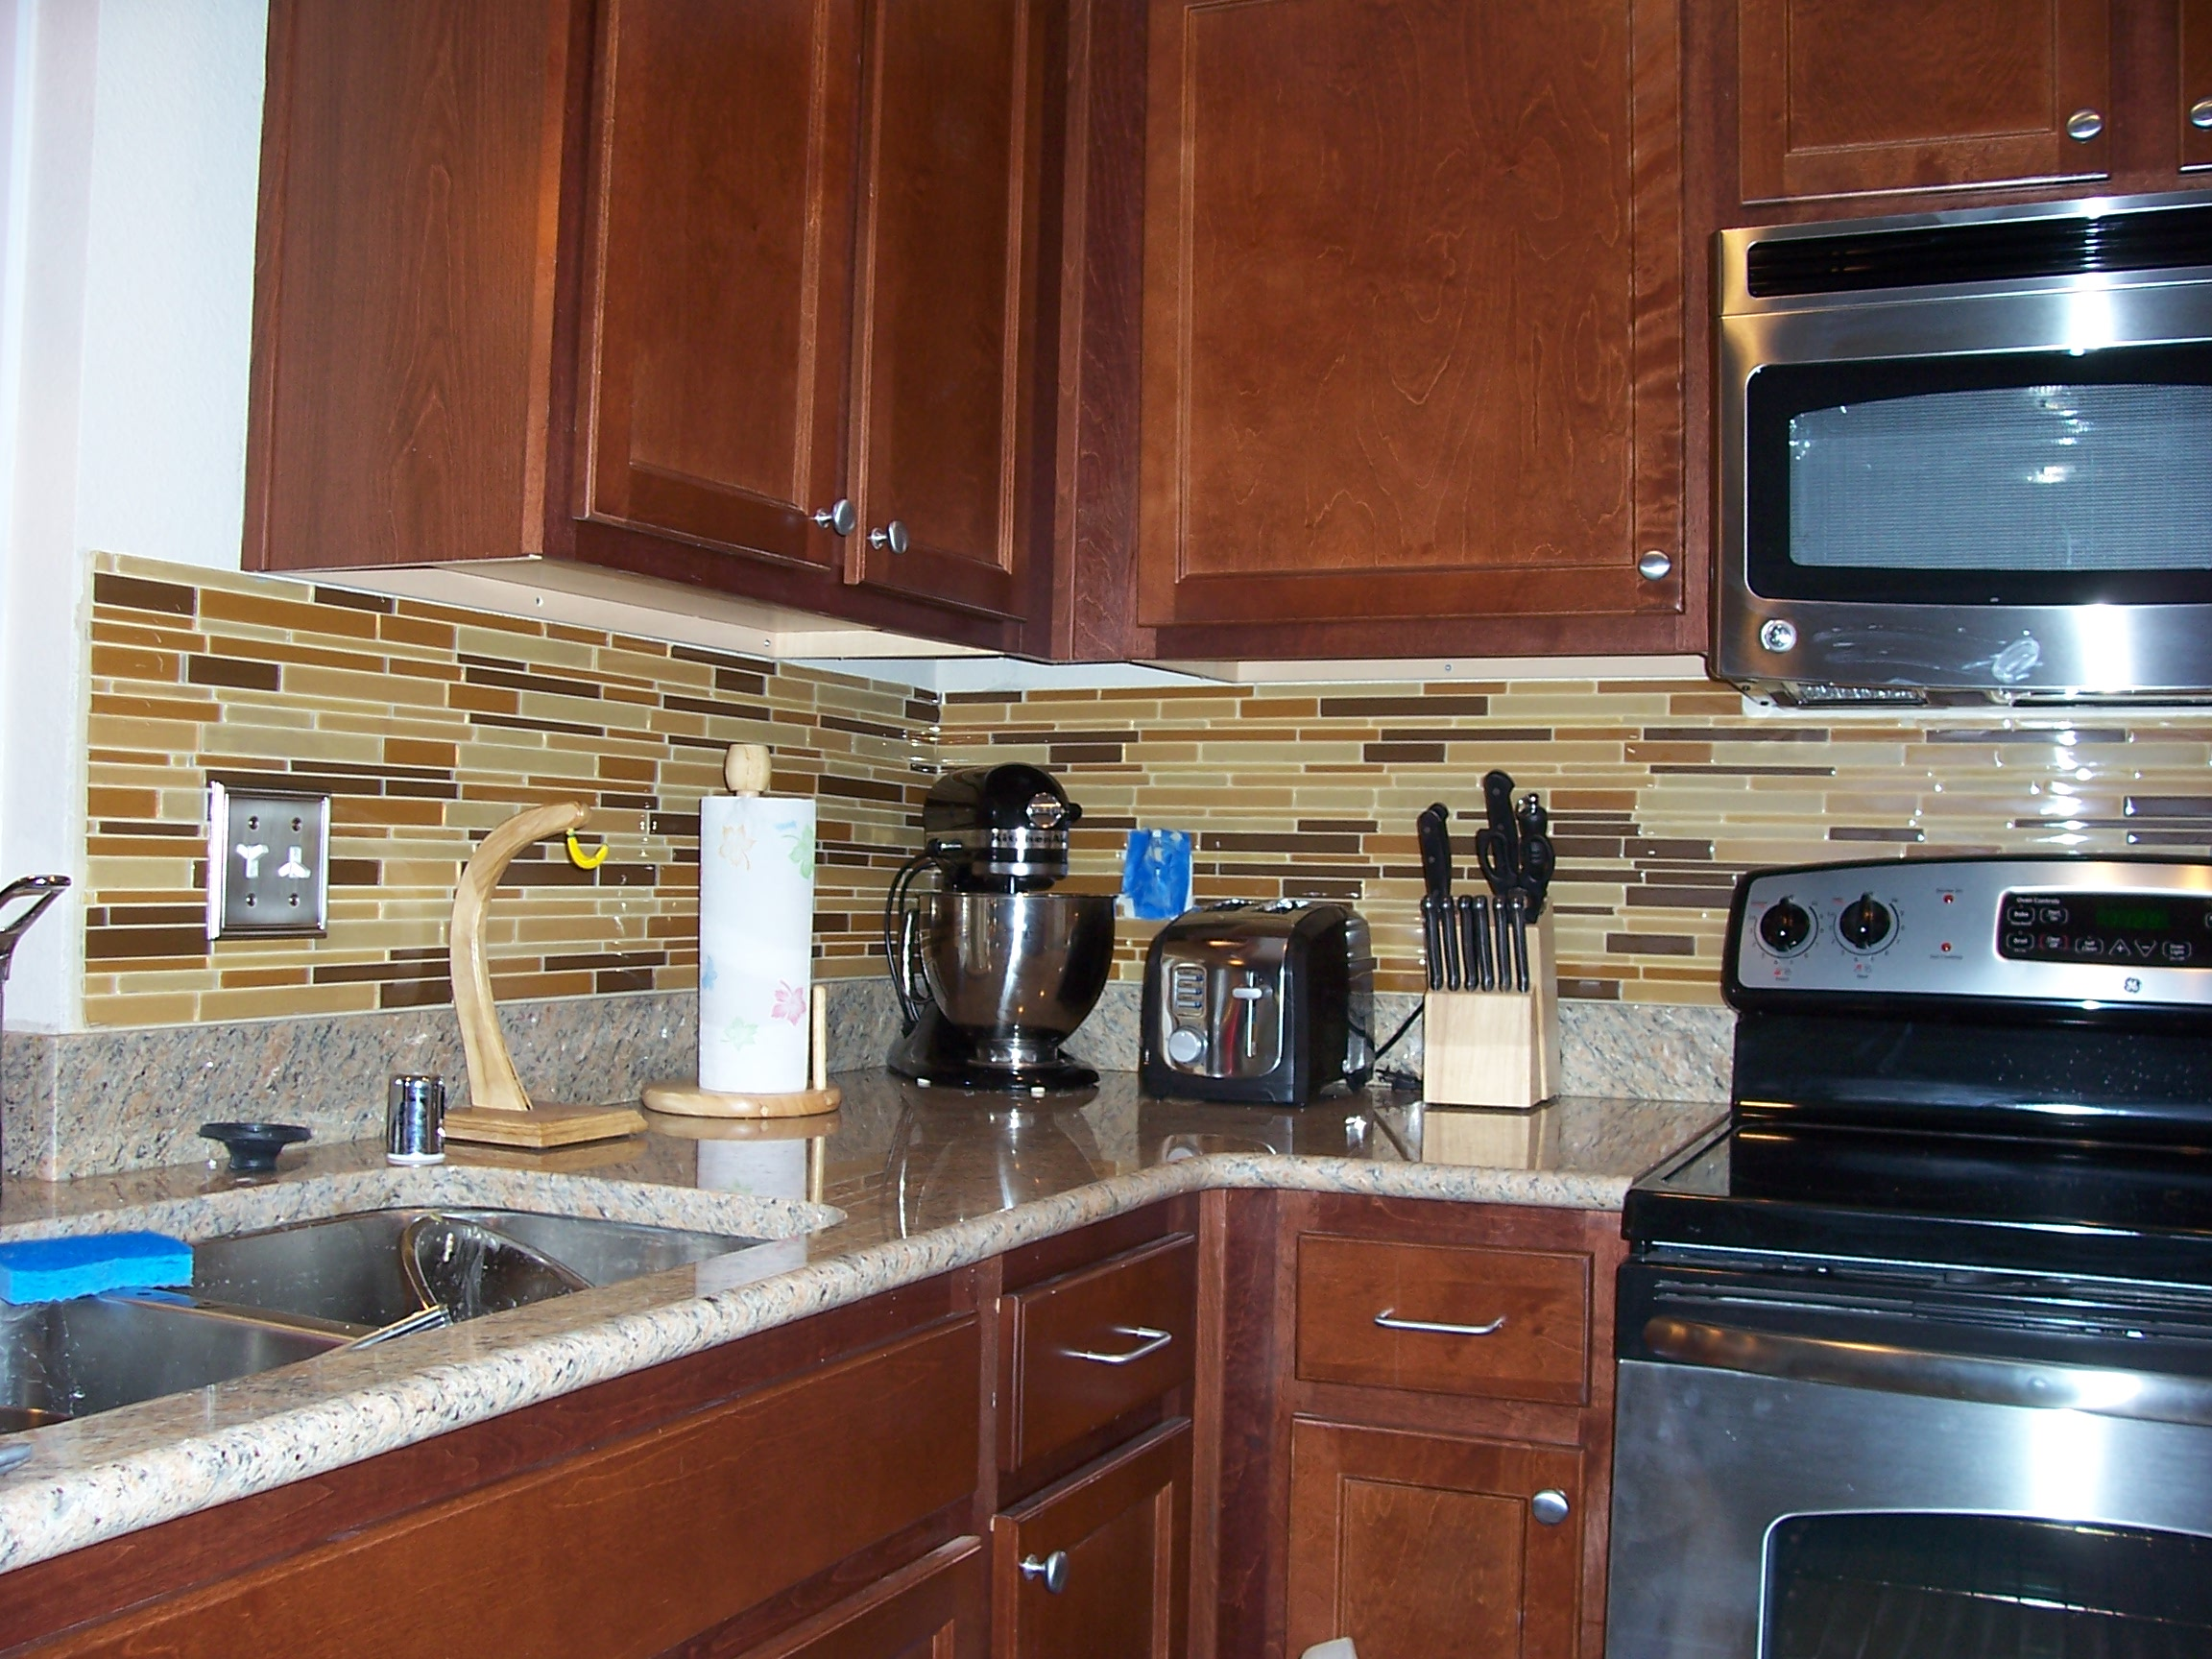 Elegant Brown Glass Tile Designs For Backsplash (View 3 of 10)